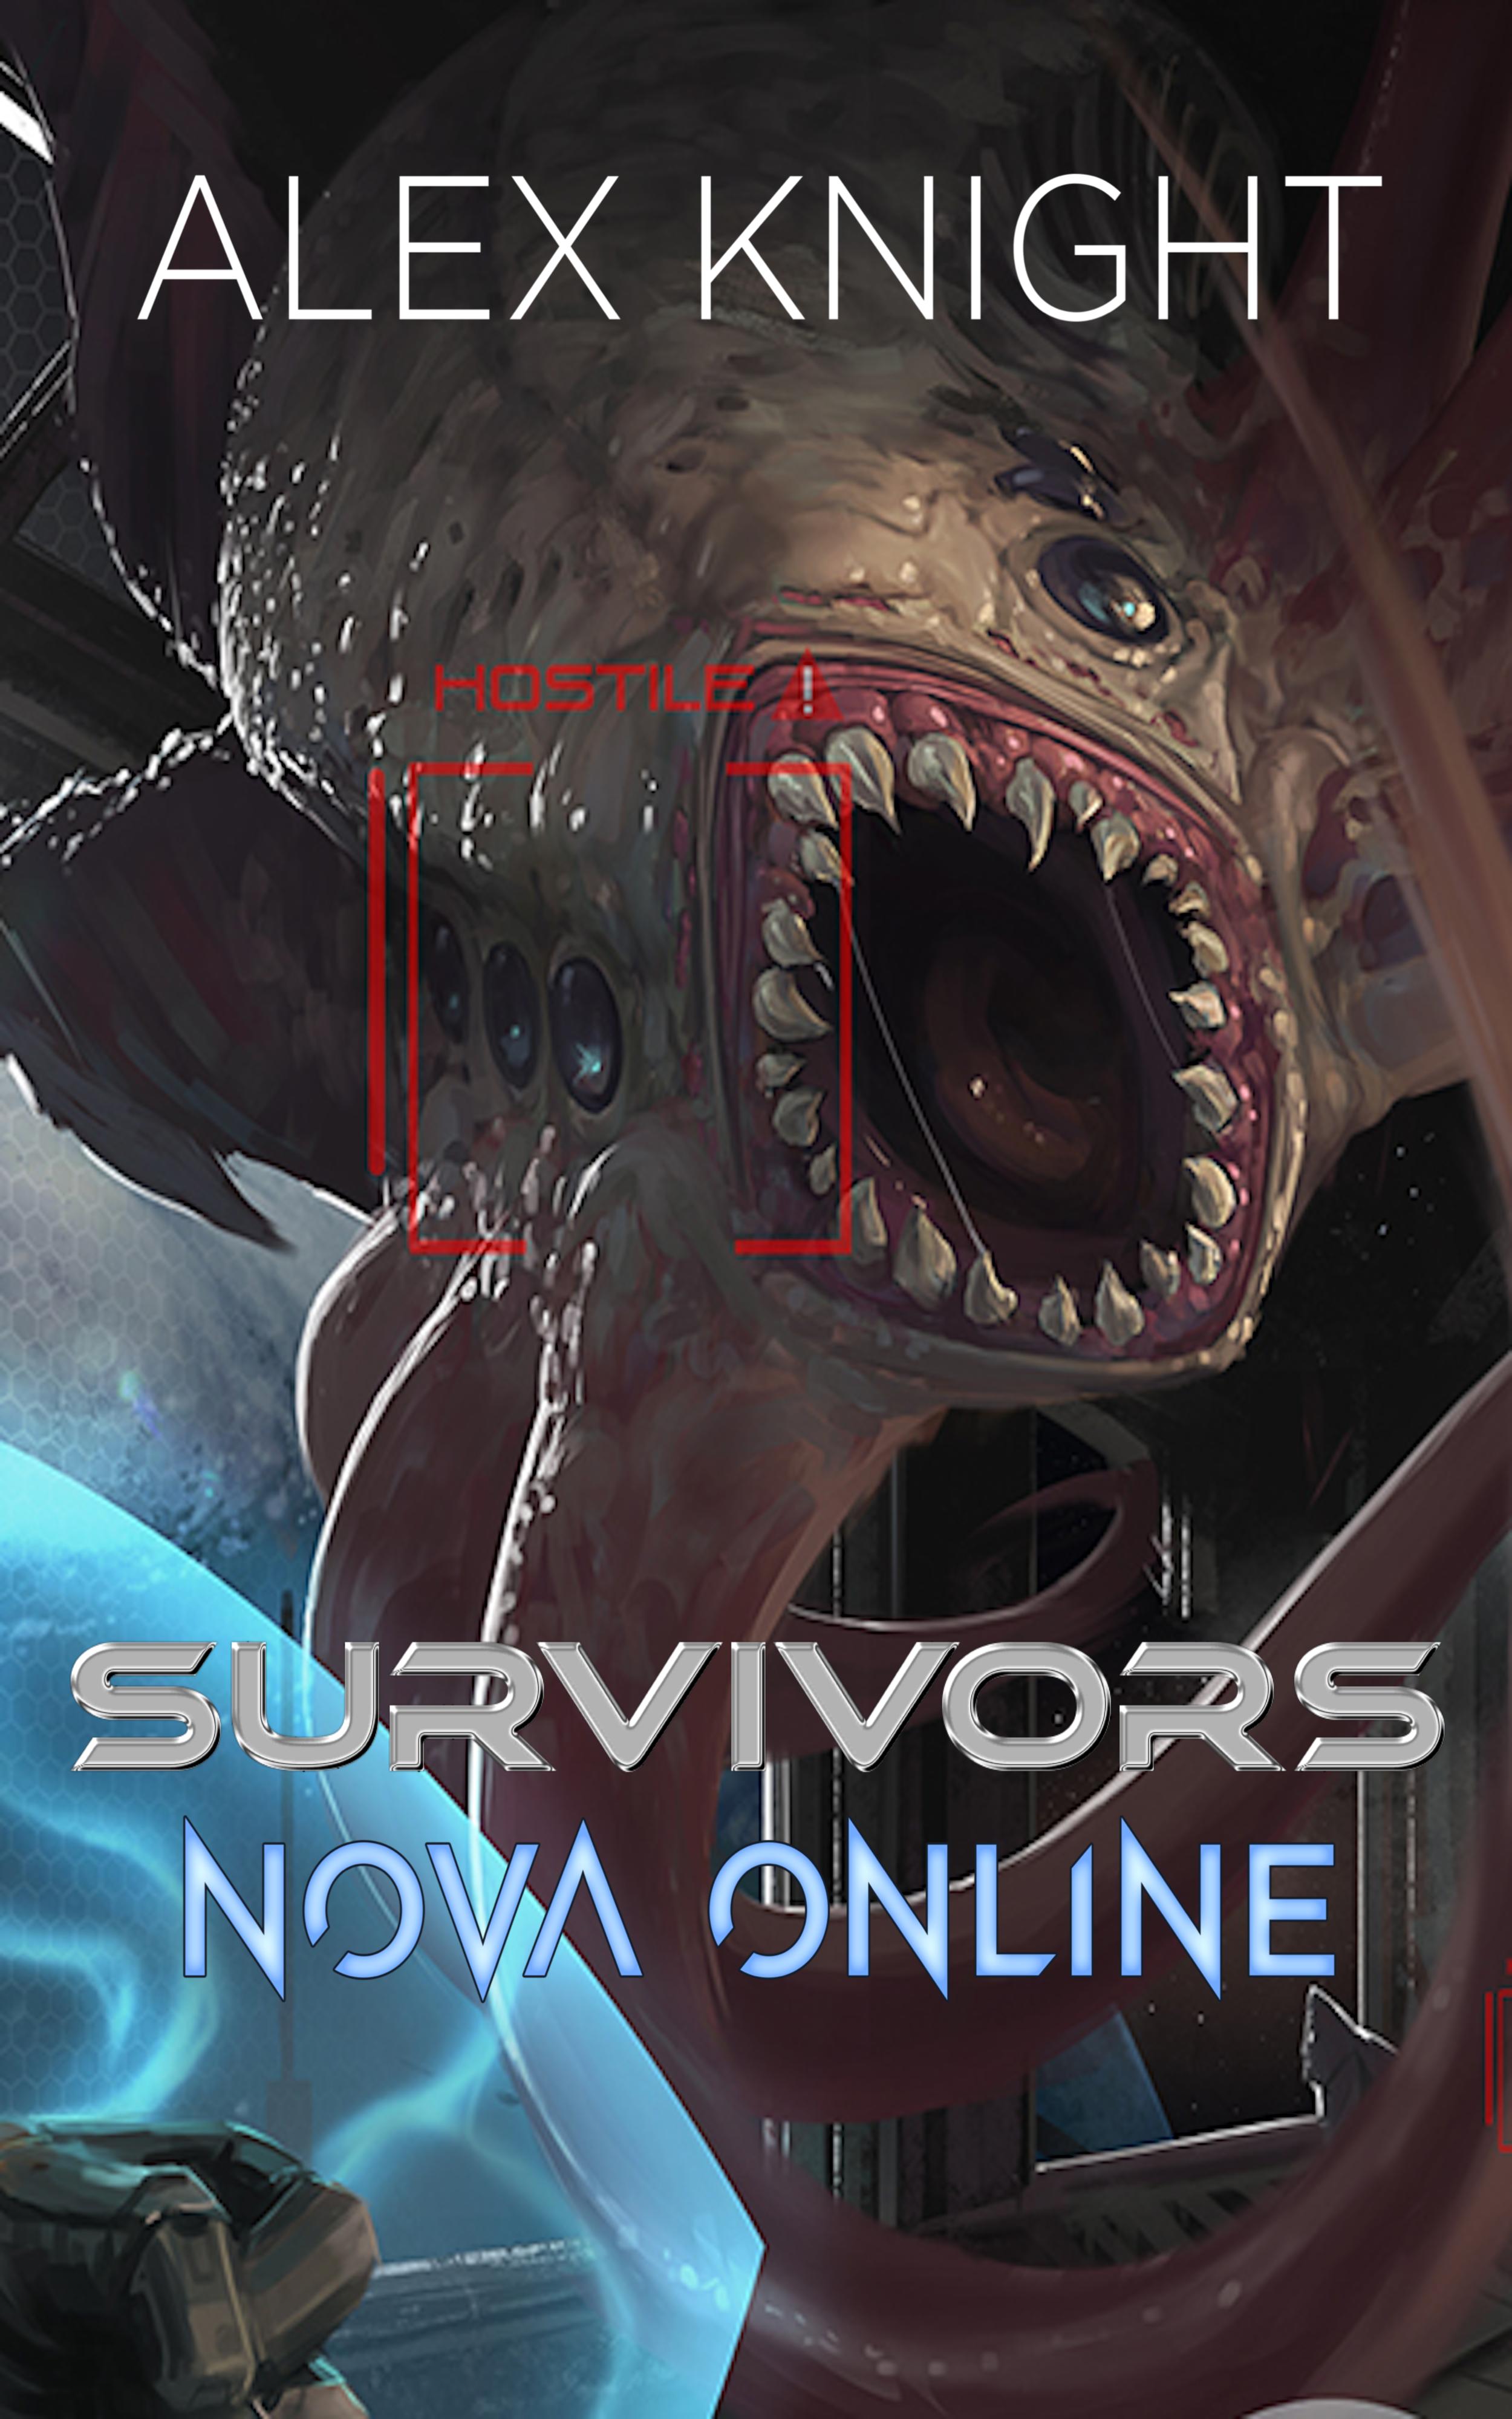 Survivors - Nova Online Cover v2.png